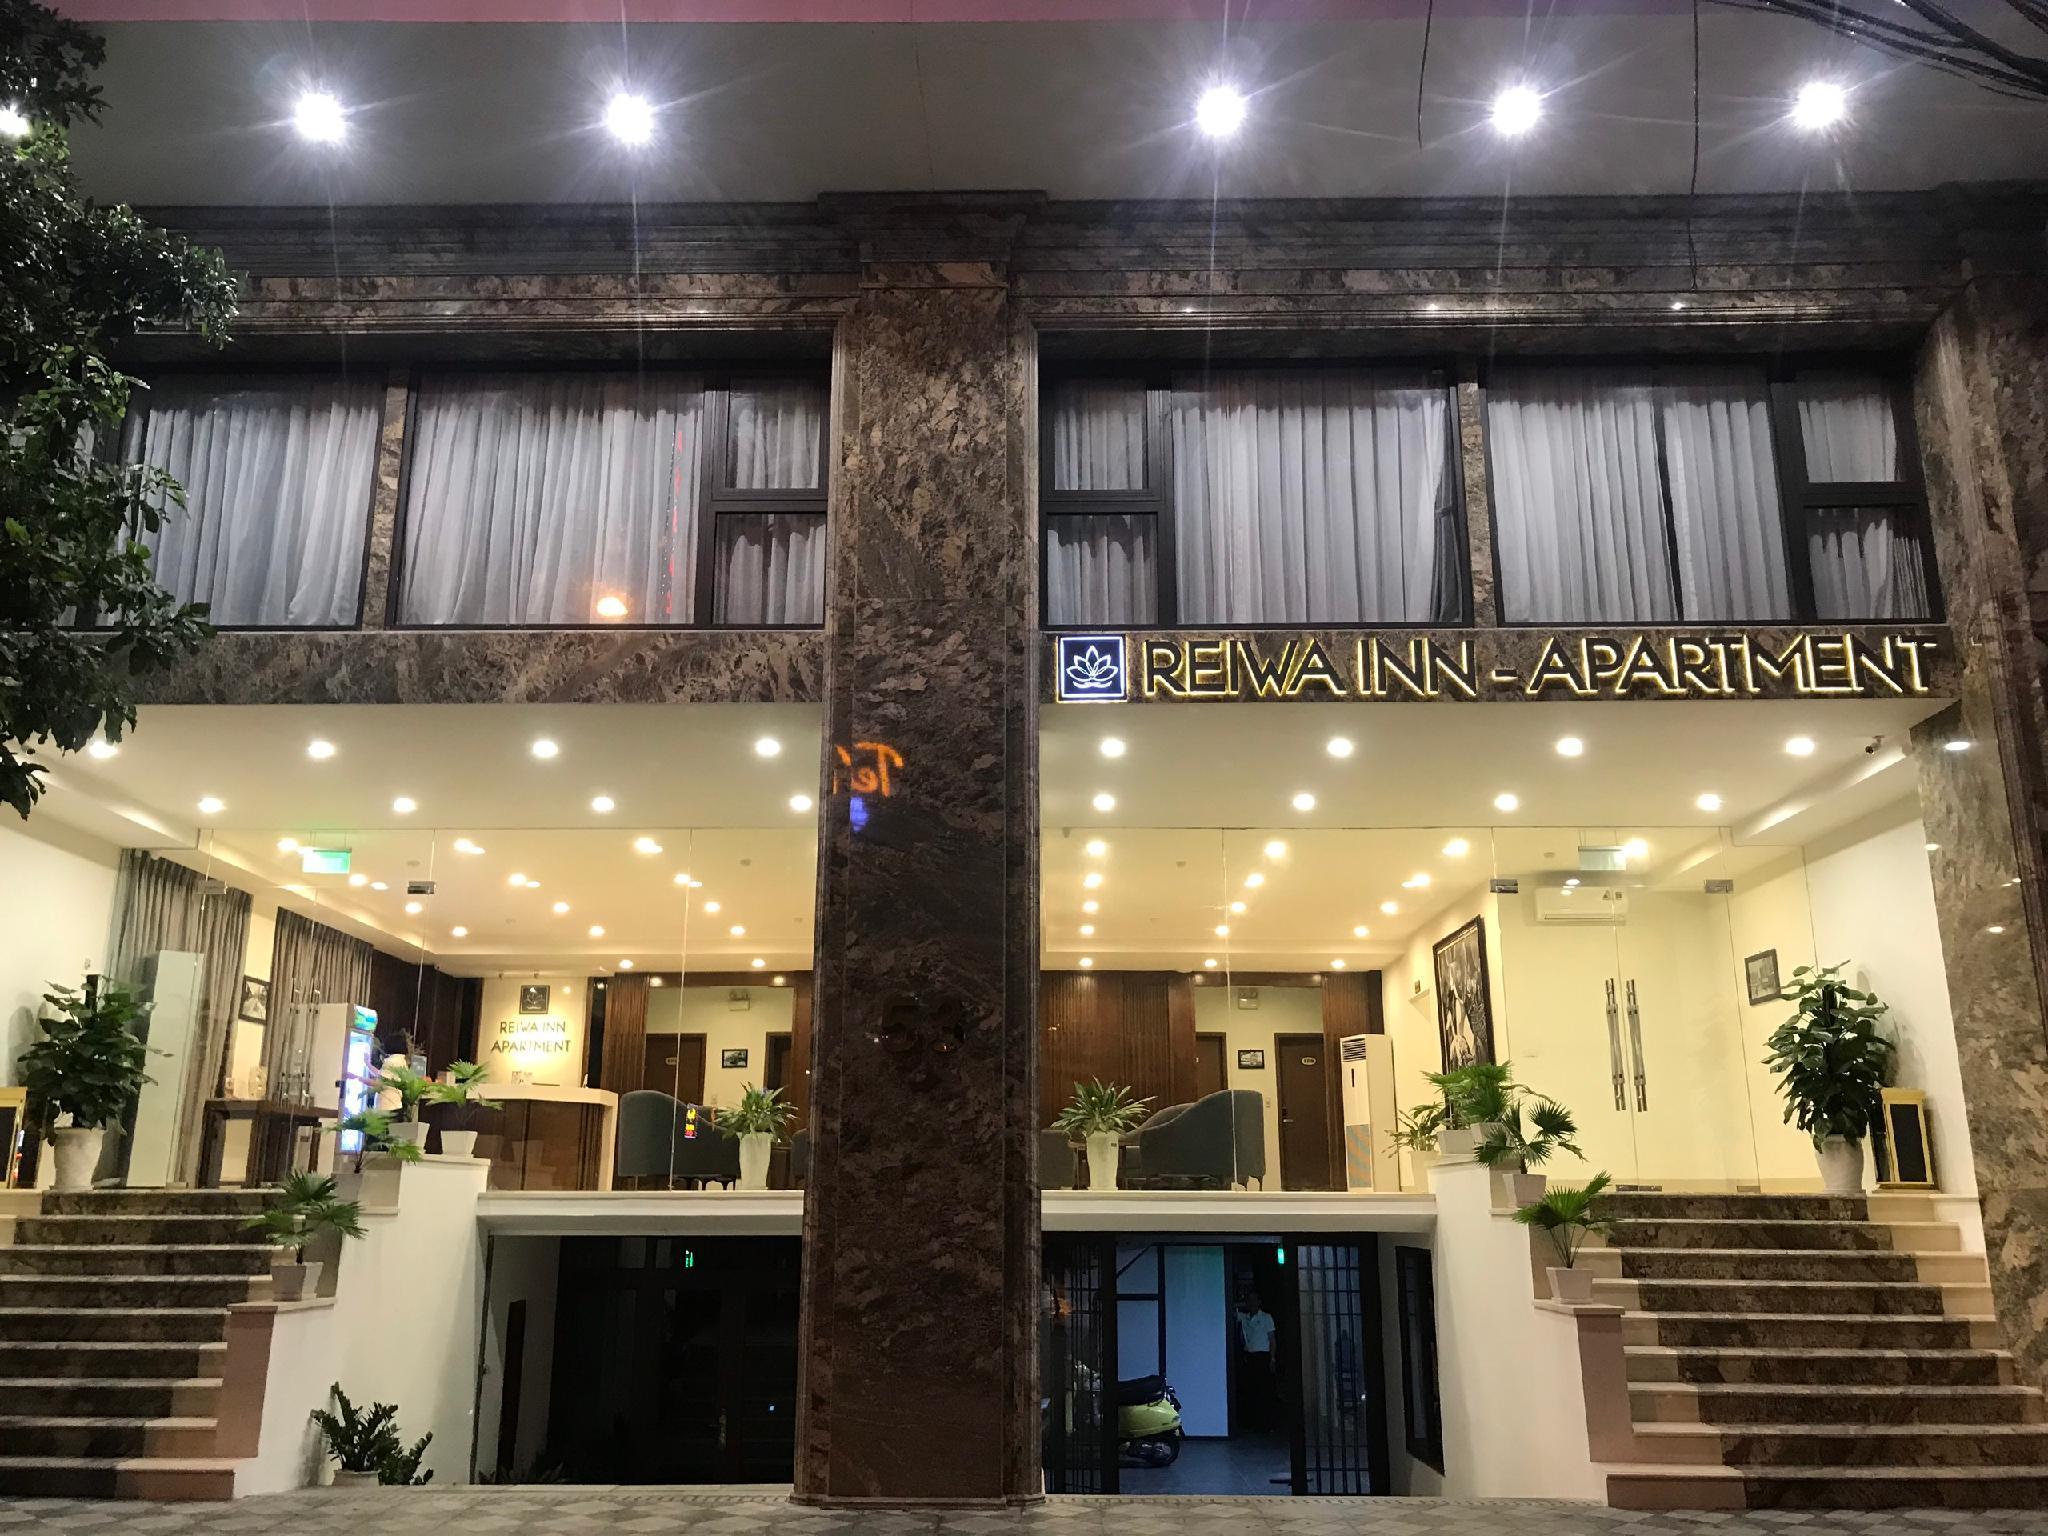 Reiwa Inn Apartment